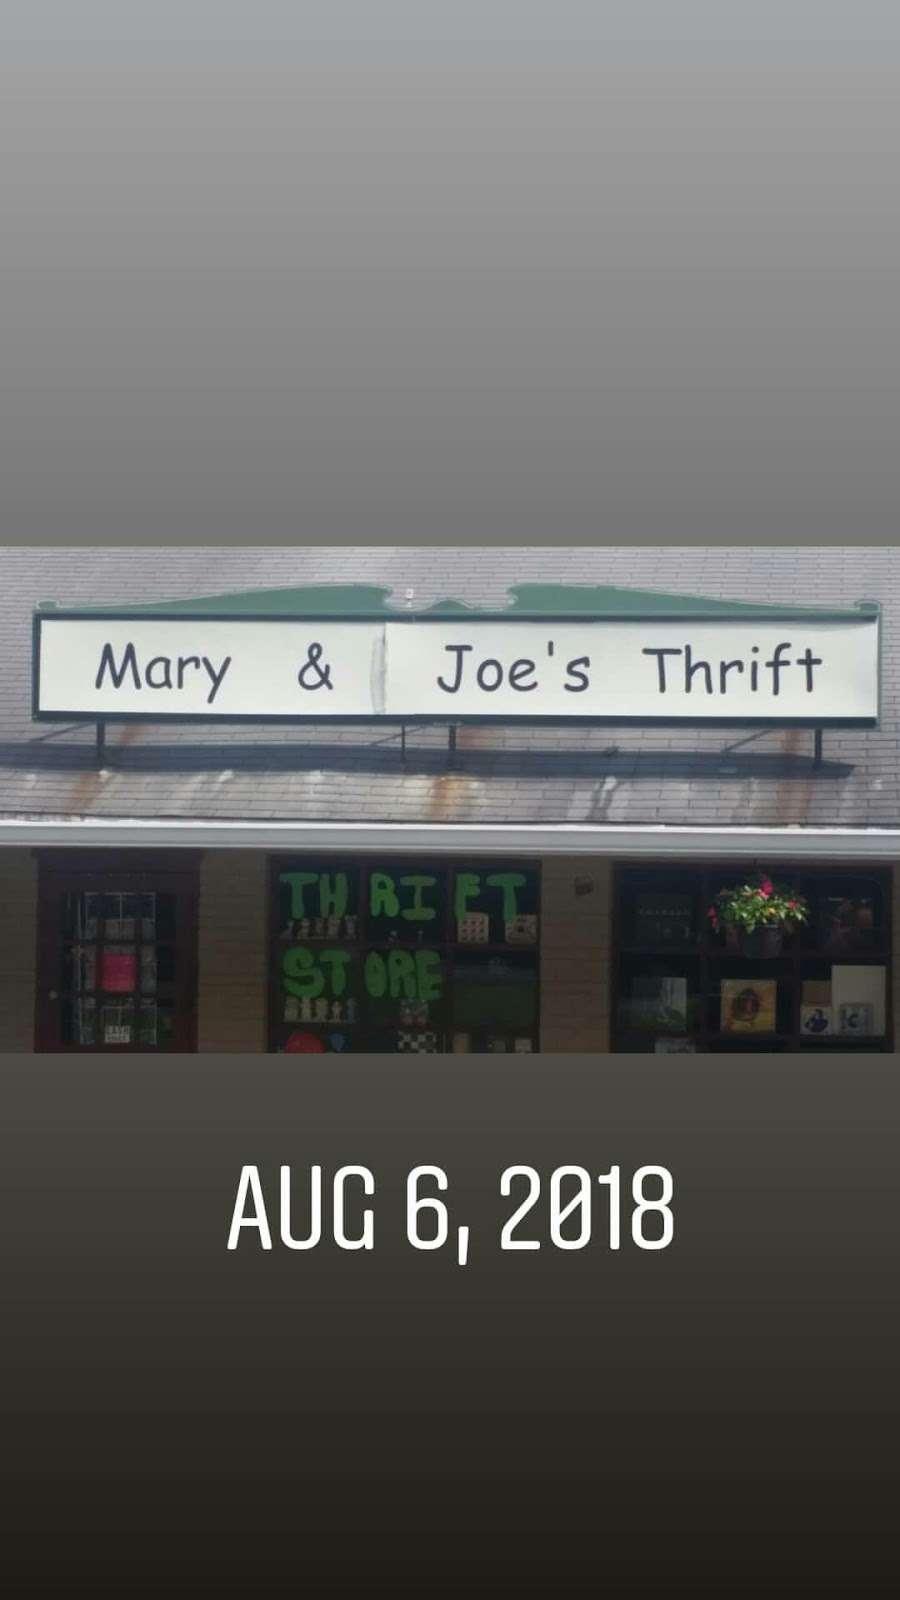 Mary & Joes Thrift - store  | Photo 1 of 1 | Address: 592 PA-940, Pocono Lake, PA 18347, USA